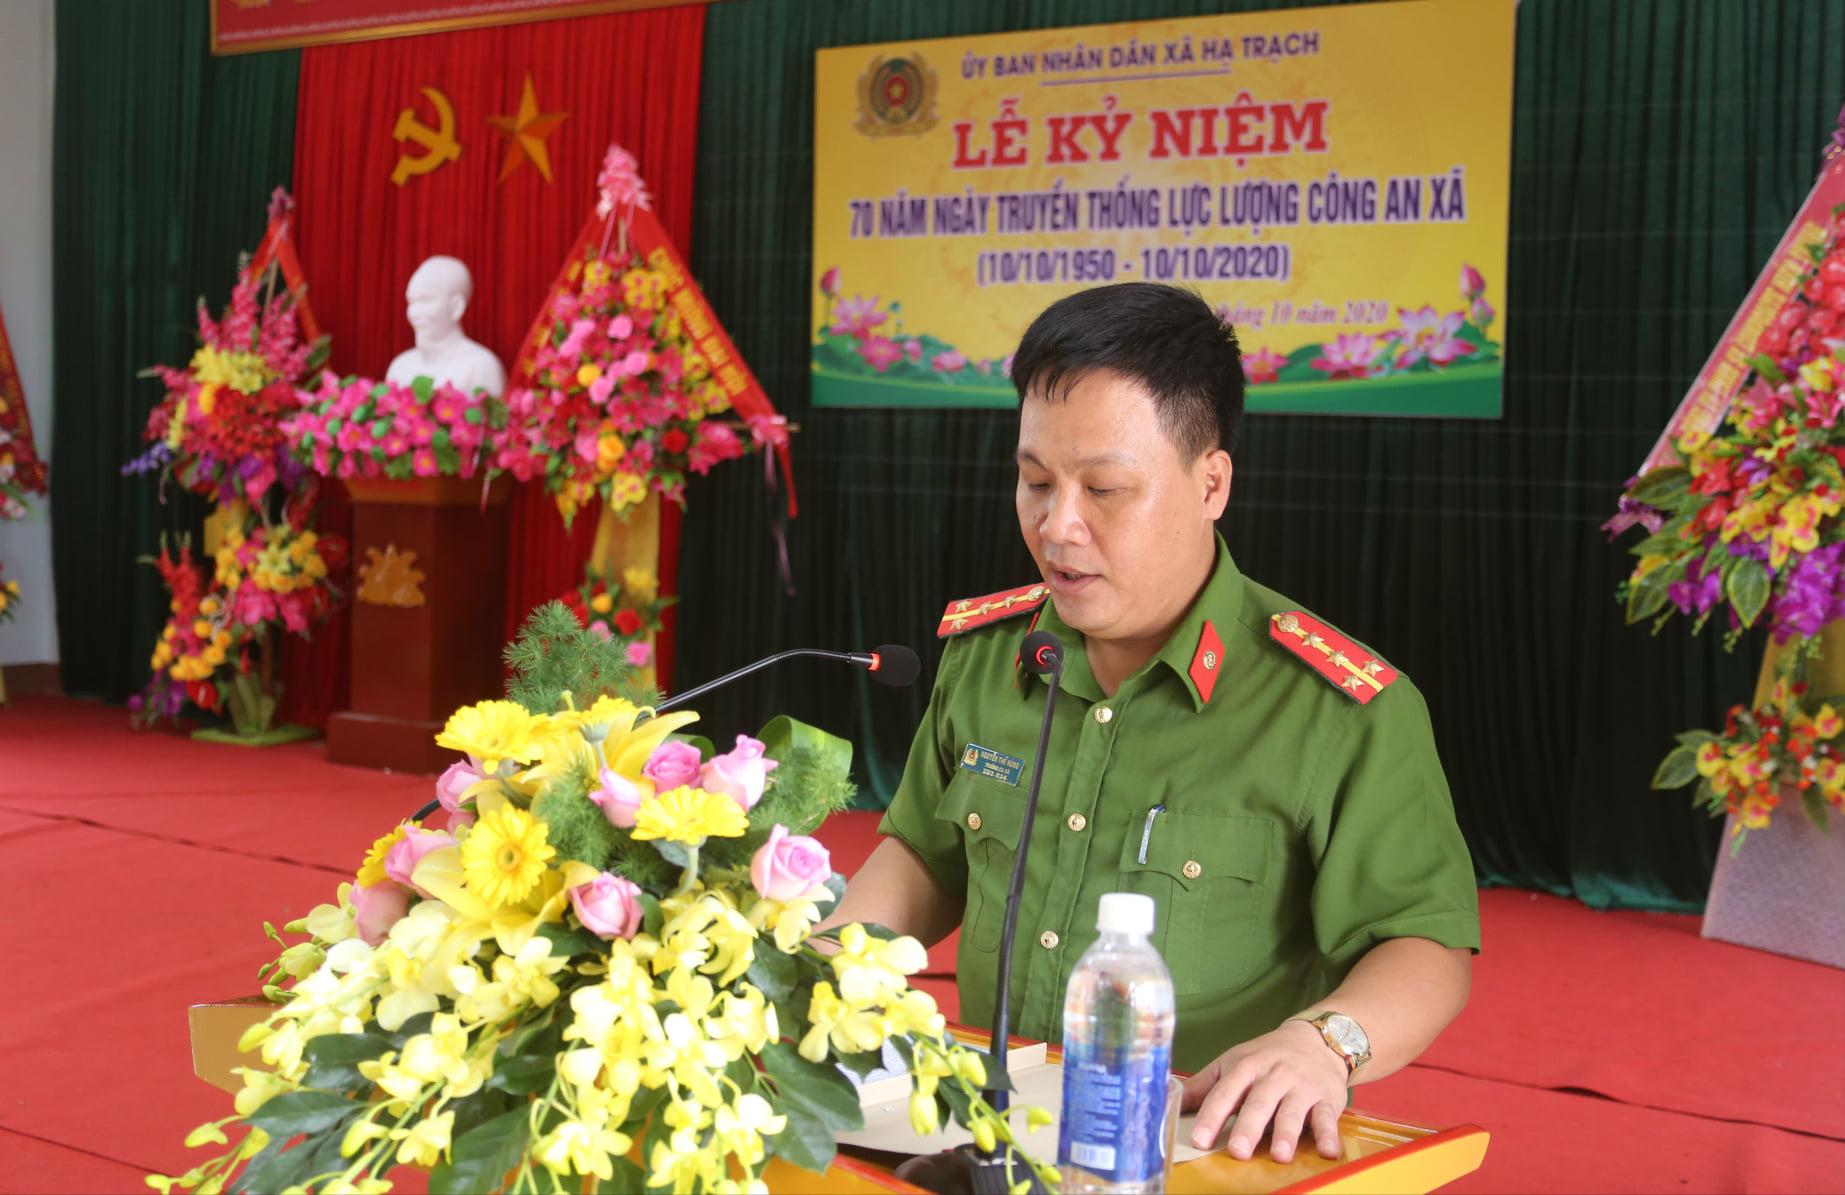 Kỷ niệm 70 năm ngày truyền thống công an xã